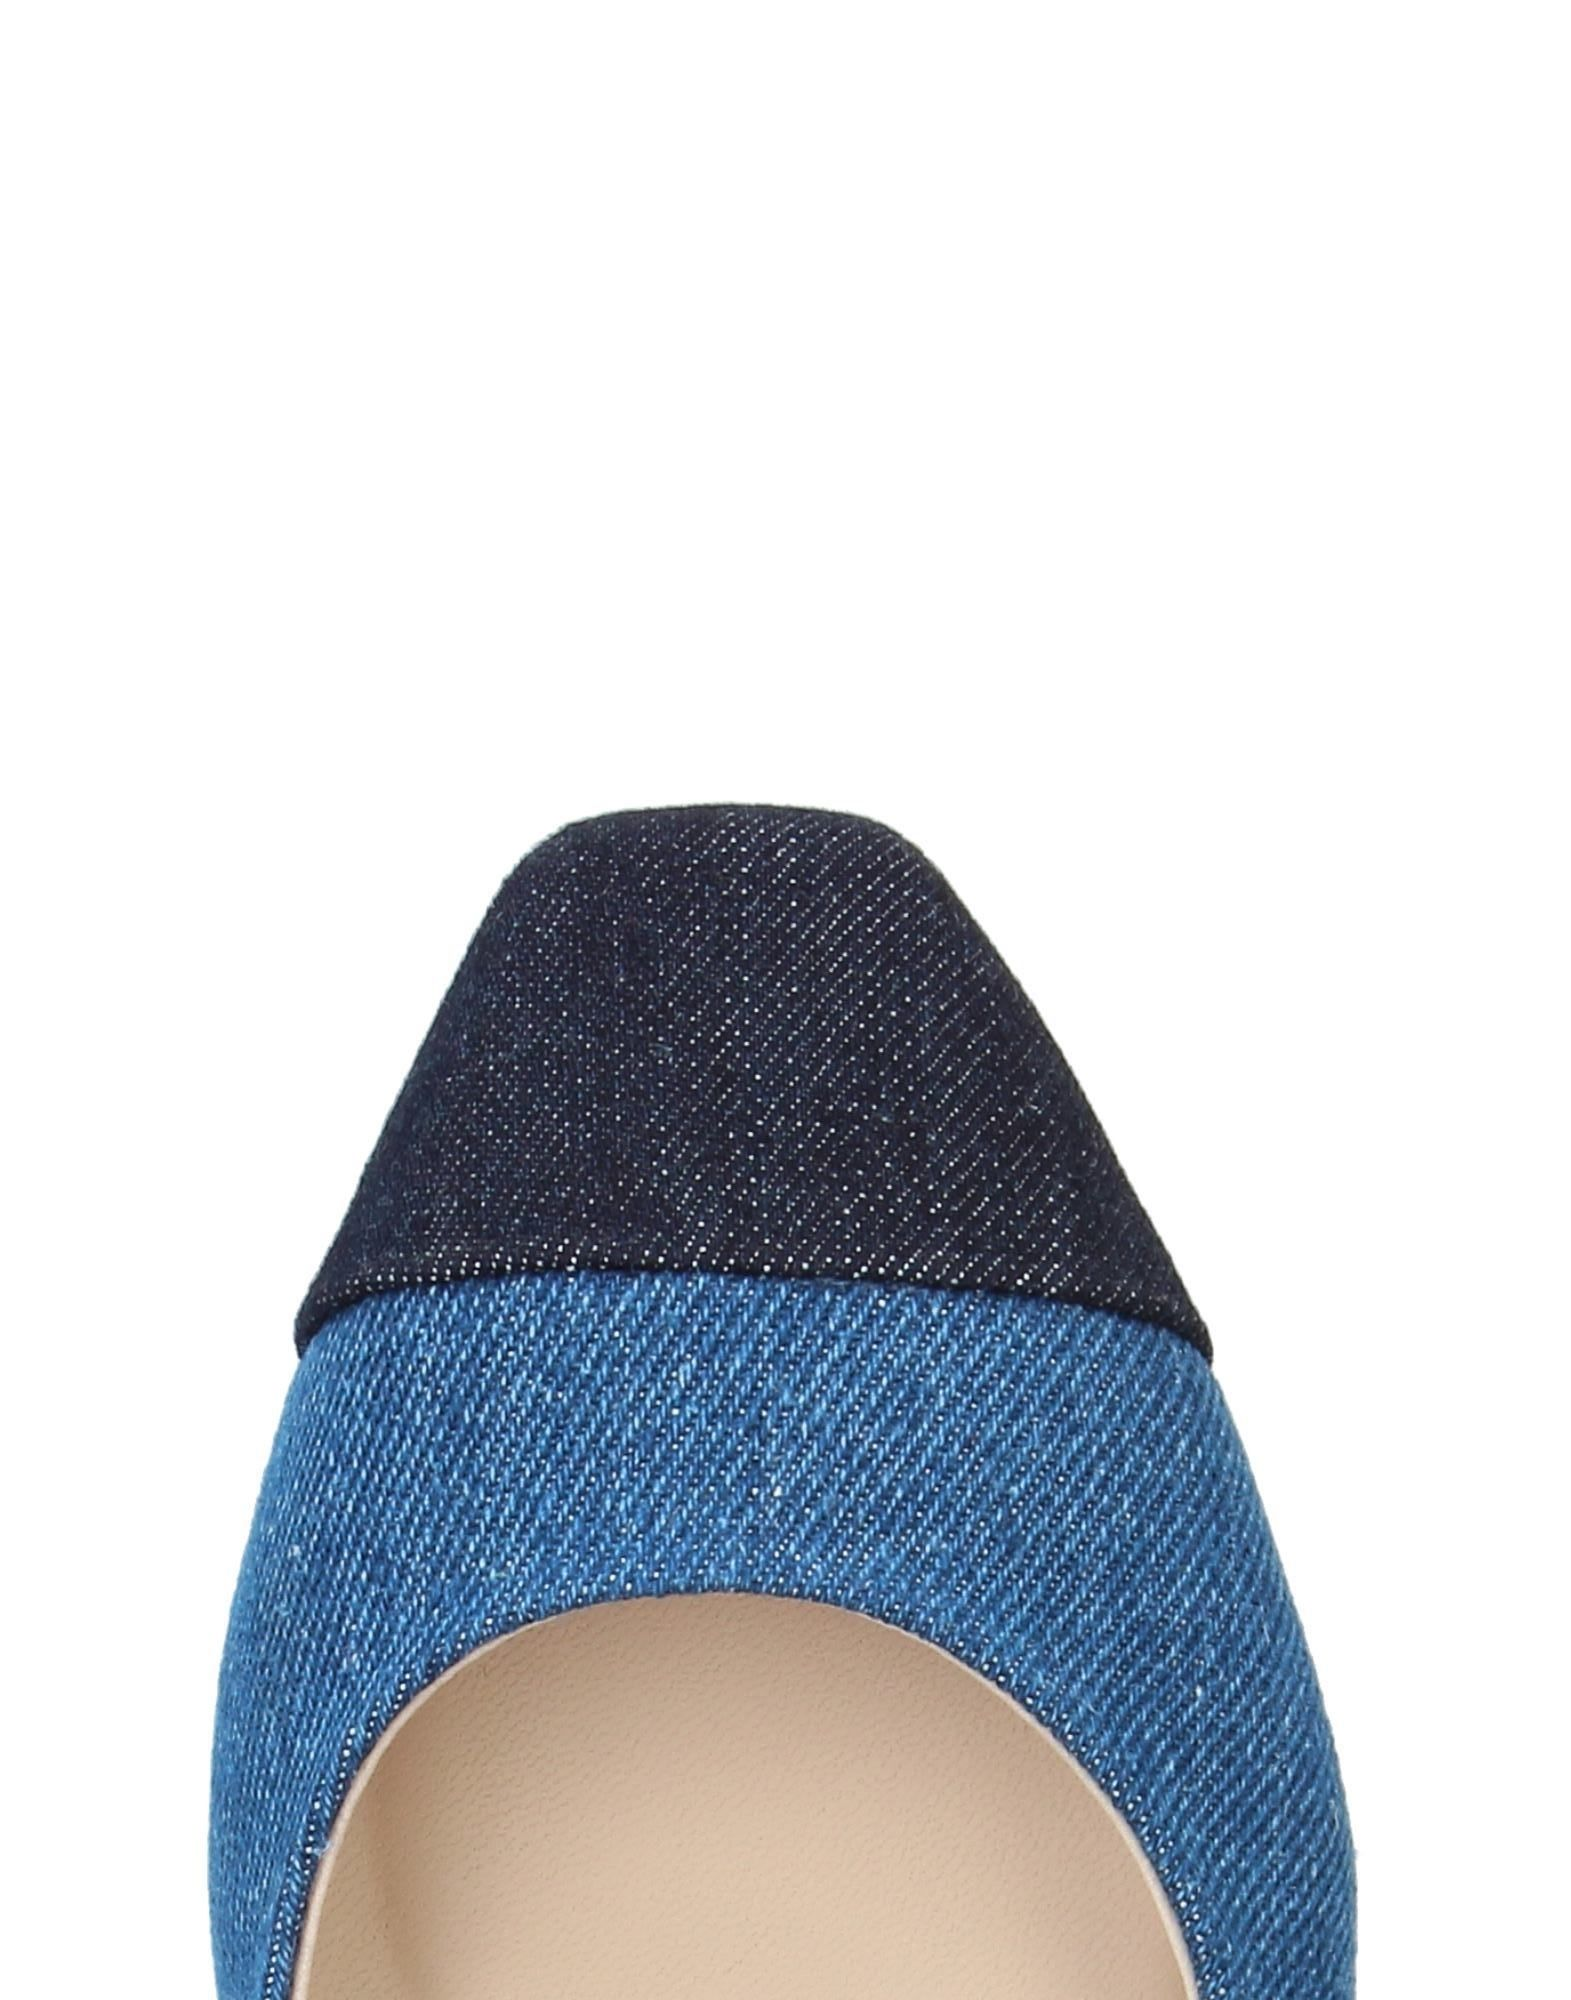 Anna Baiguera Ballerinas Damen  11343526IT Schuhe Gute Qualität beliebte Schuhe 11343526IT dbb0a0